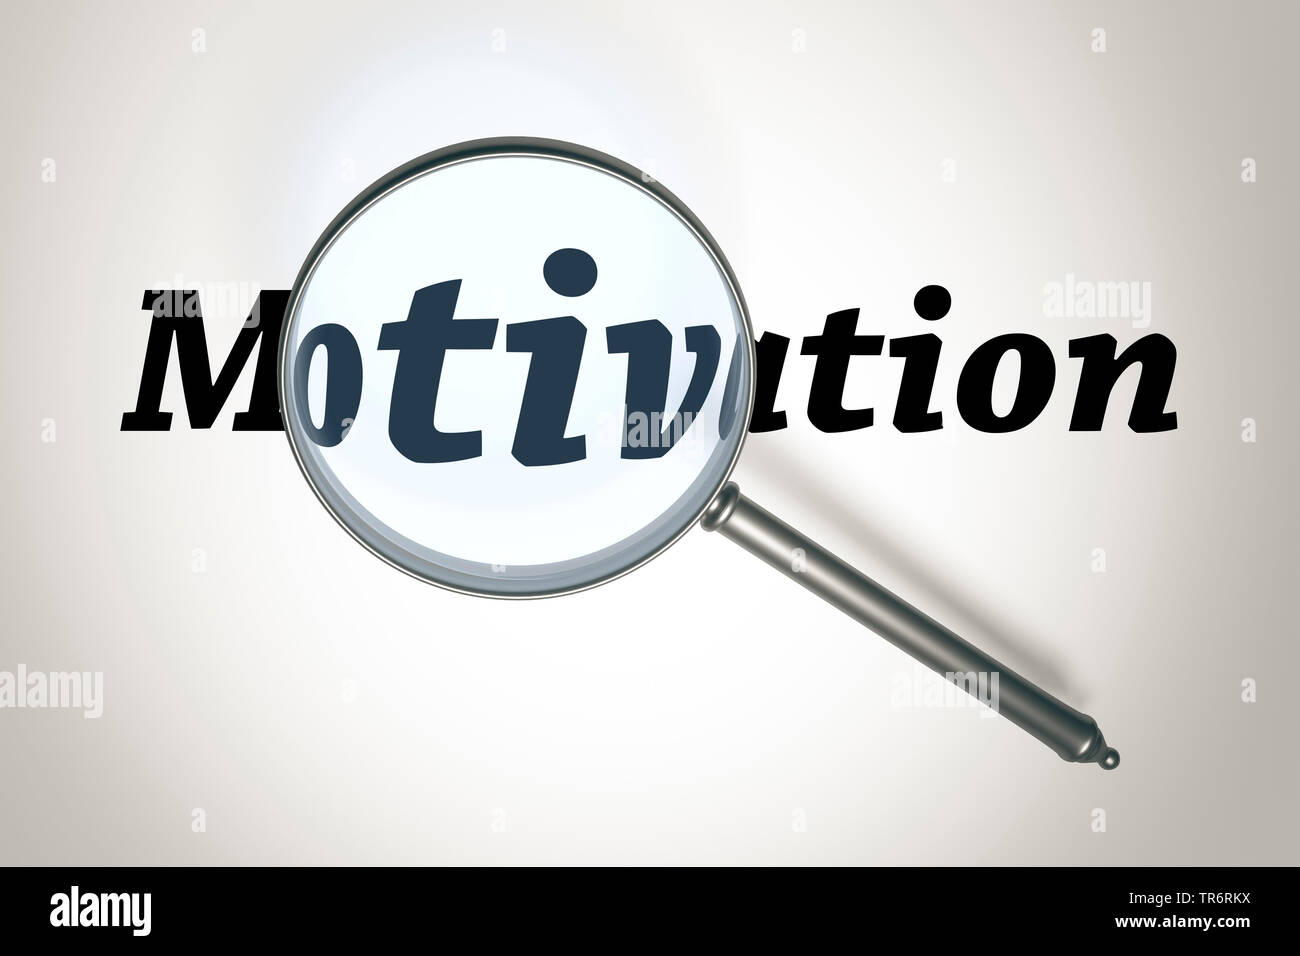 Lupe vergroessert das Wort la Motivation | loupe avec le mot Motivation | BLWS489732.jpg [ (c) blickwinkel/McPHOTO/M. Gann Tél. +49 (0)2302- Photo Stock